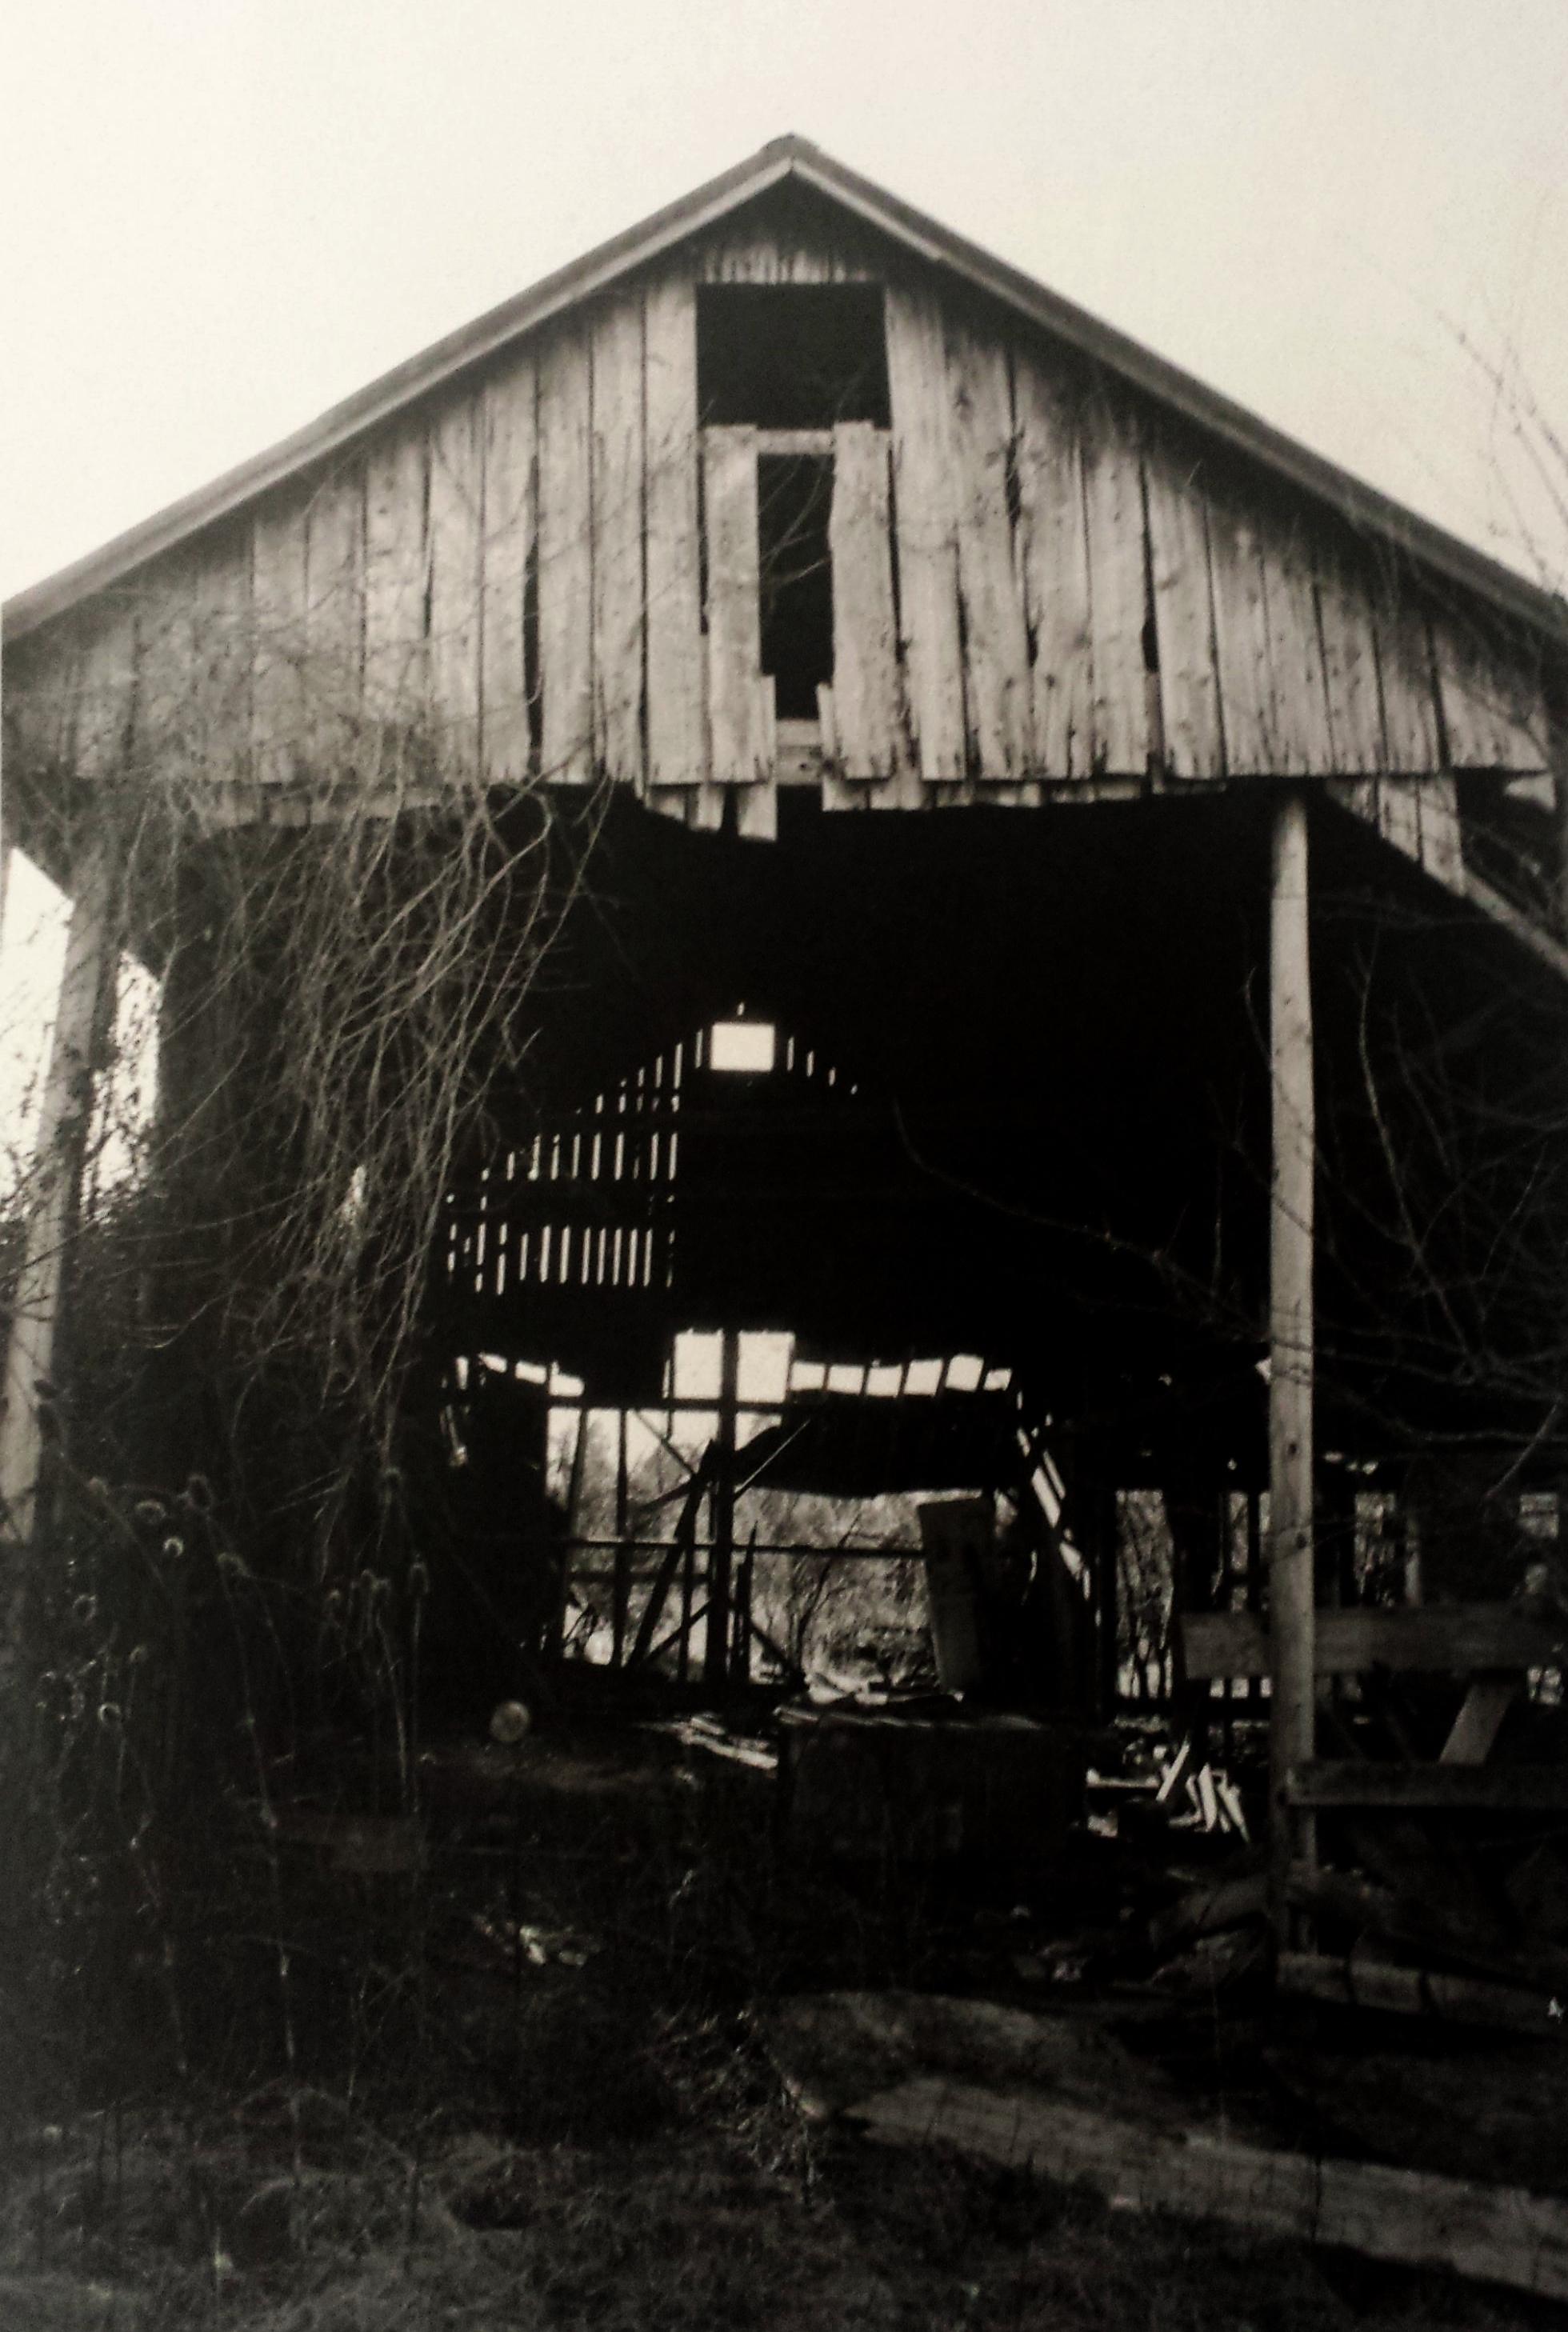 Virginia Vintage Camera Print .jpg